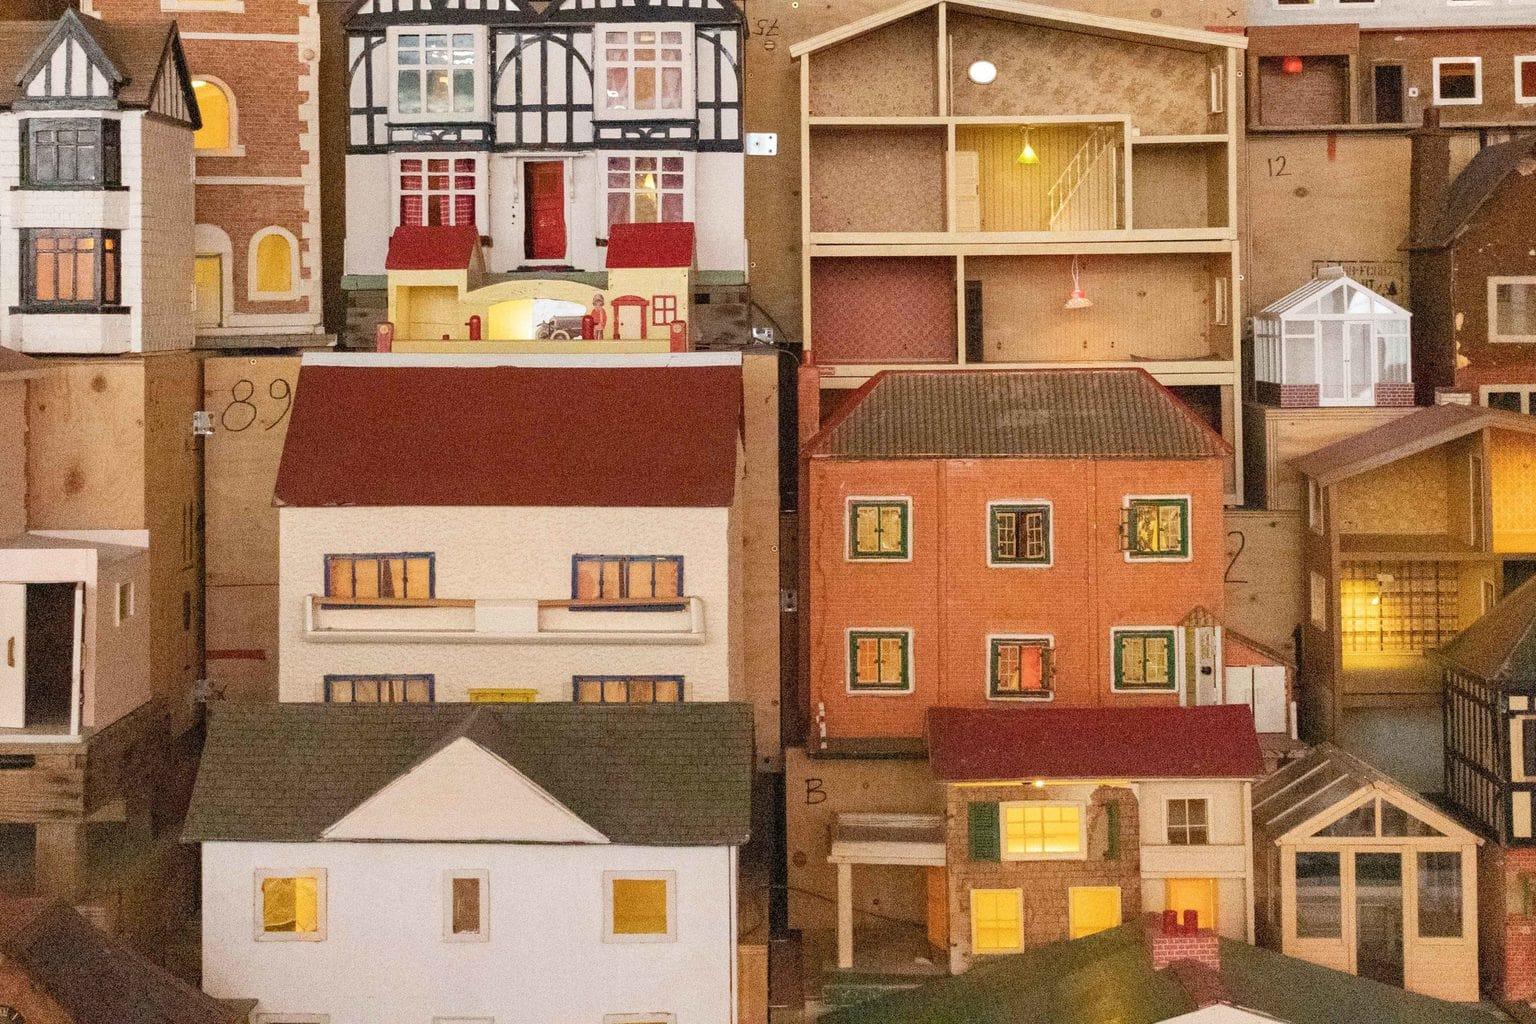 Casas de juguete con ruido por postproducción